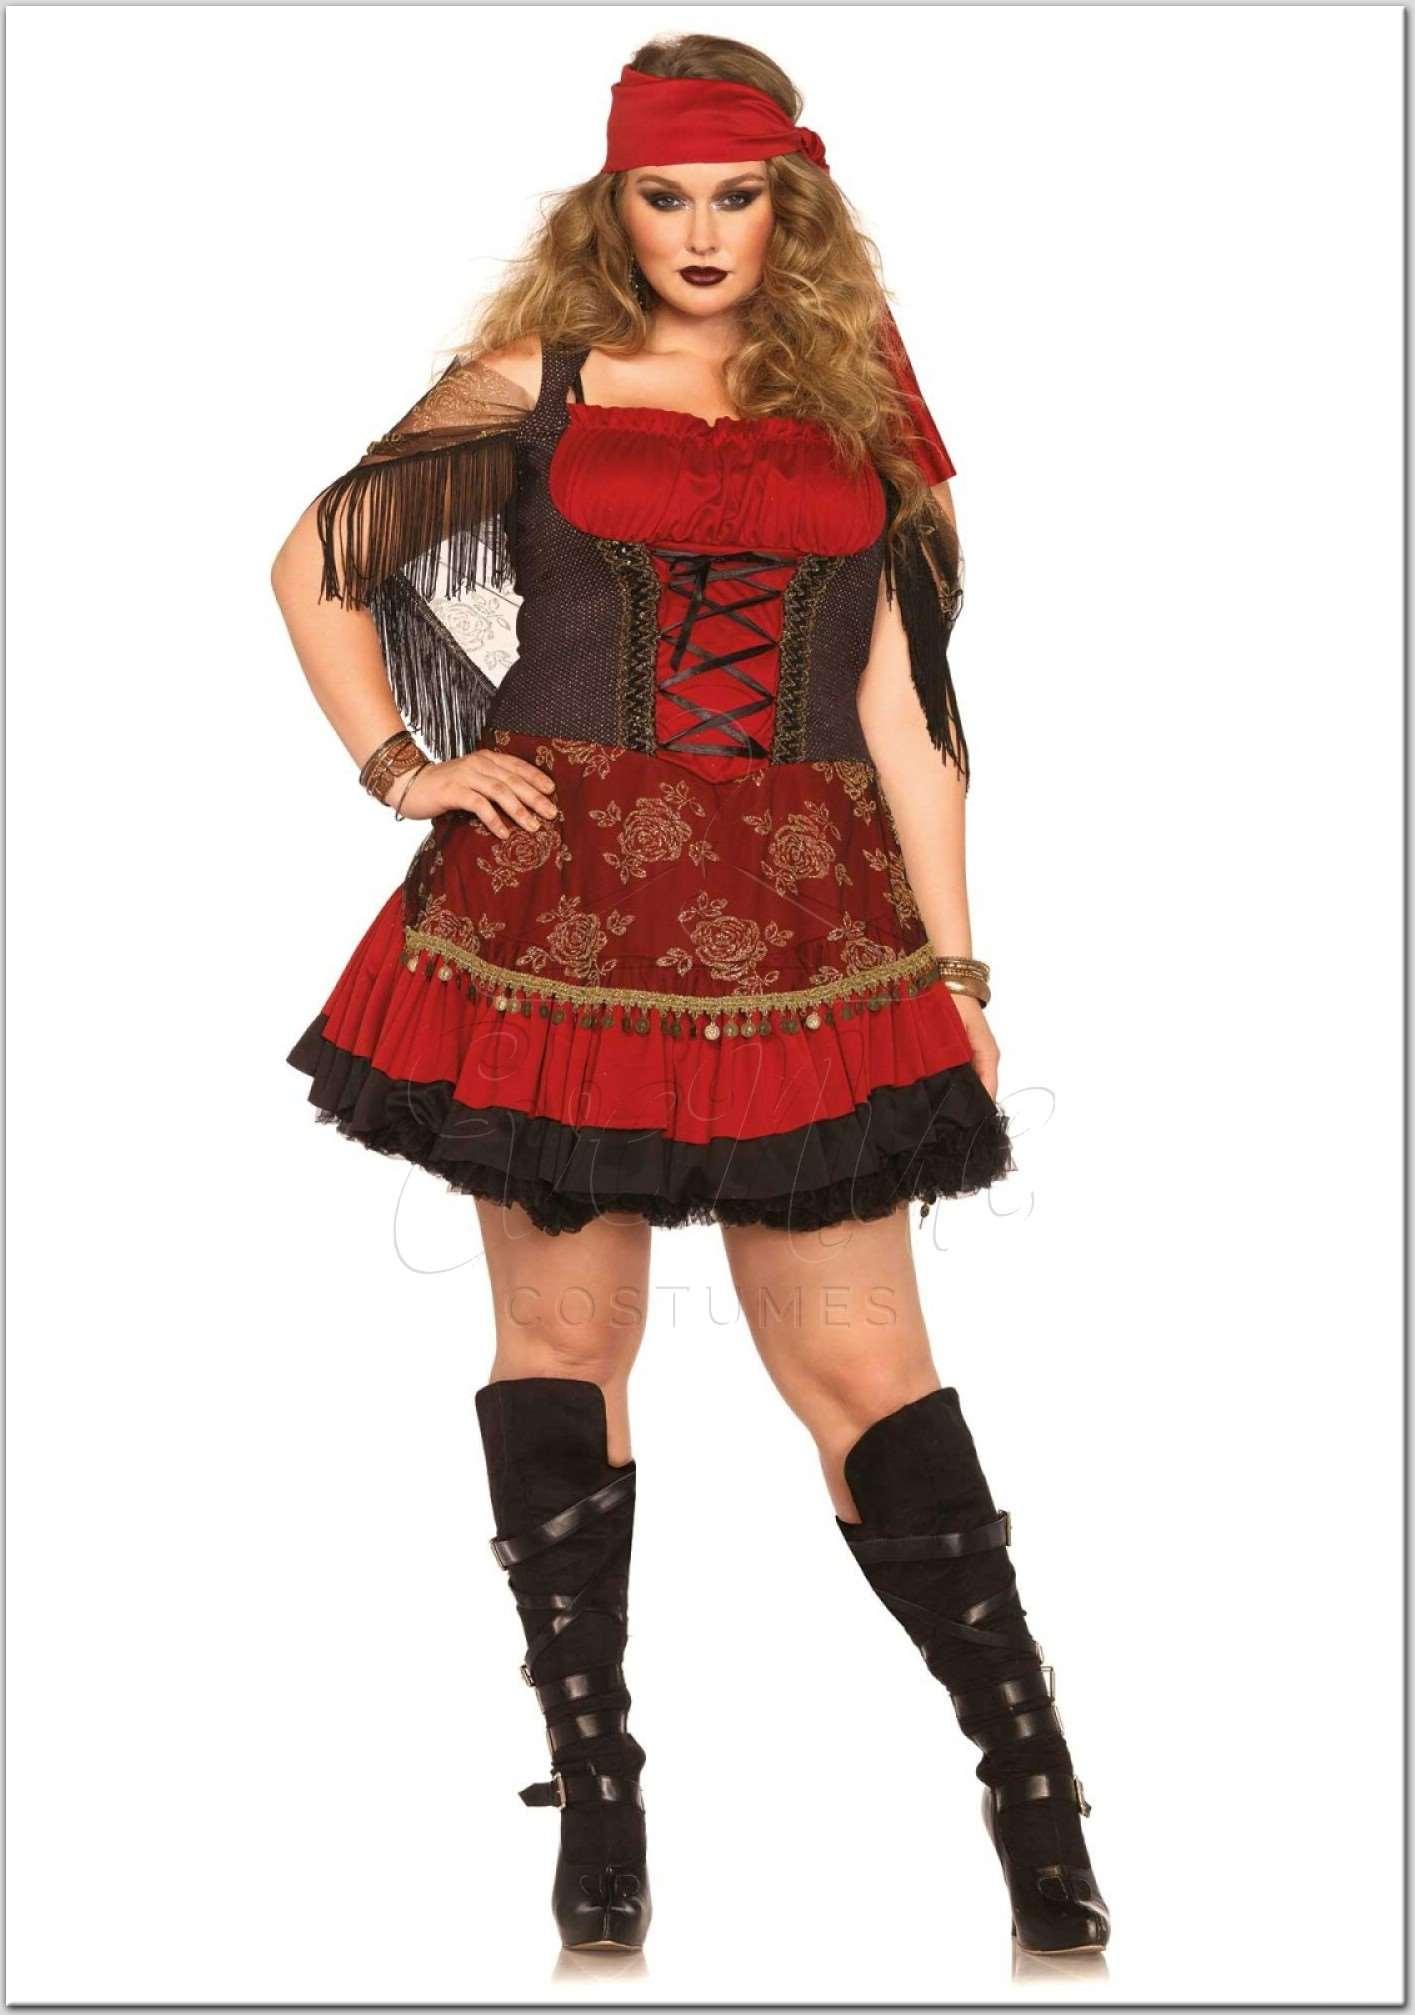 Kalóz hercegnő jelmez az EveNue Costumes jelmezkölcsönző szalon kínálatából